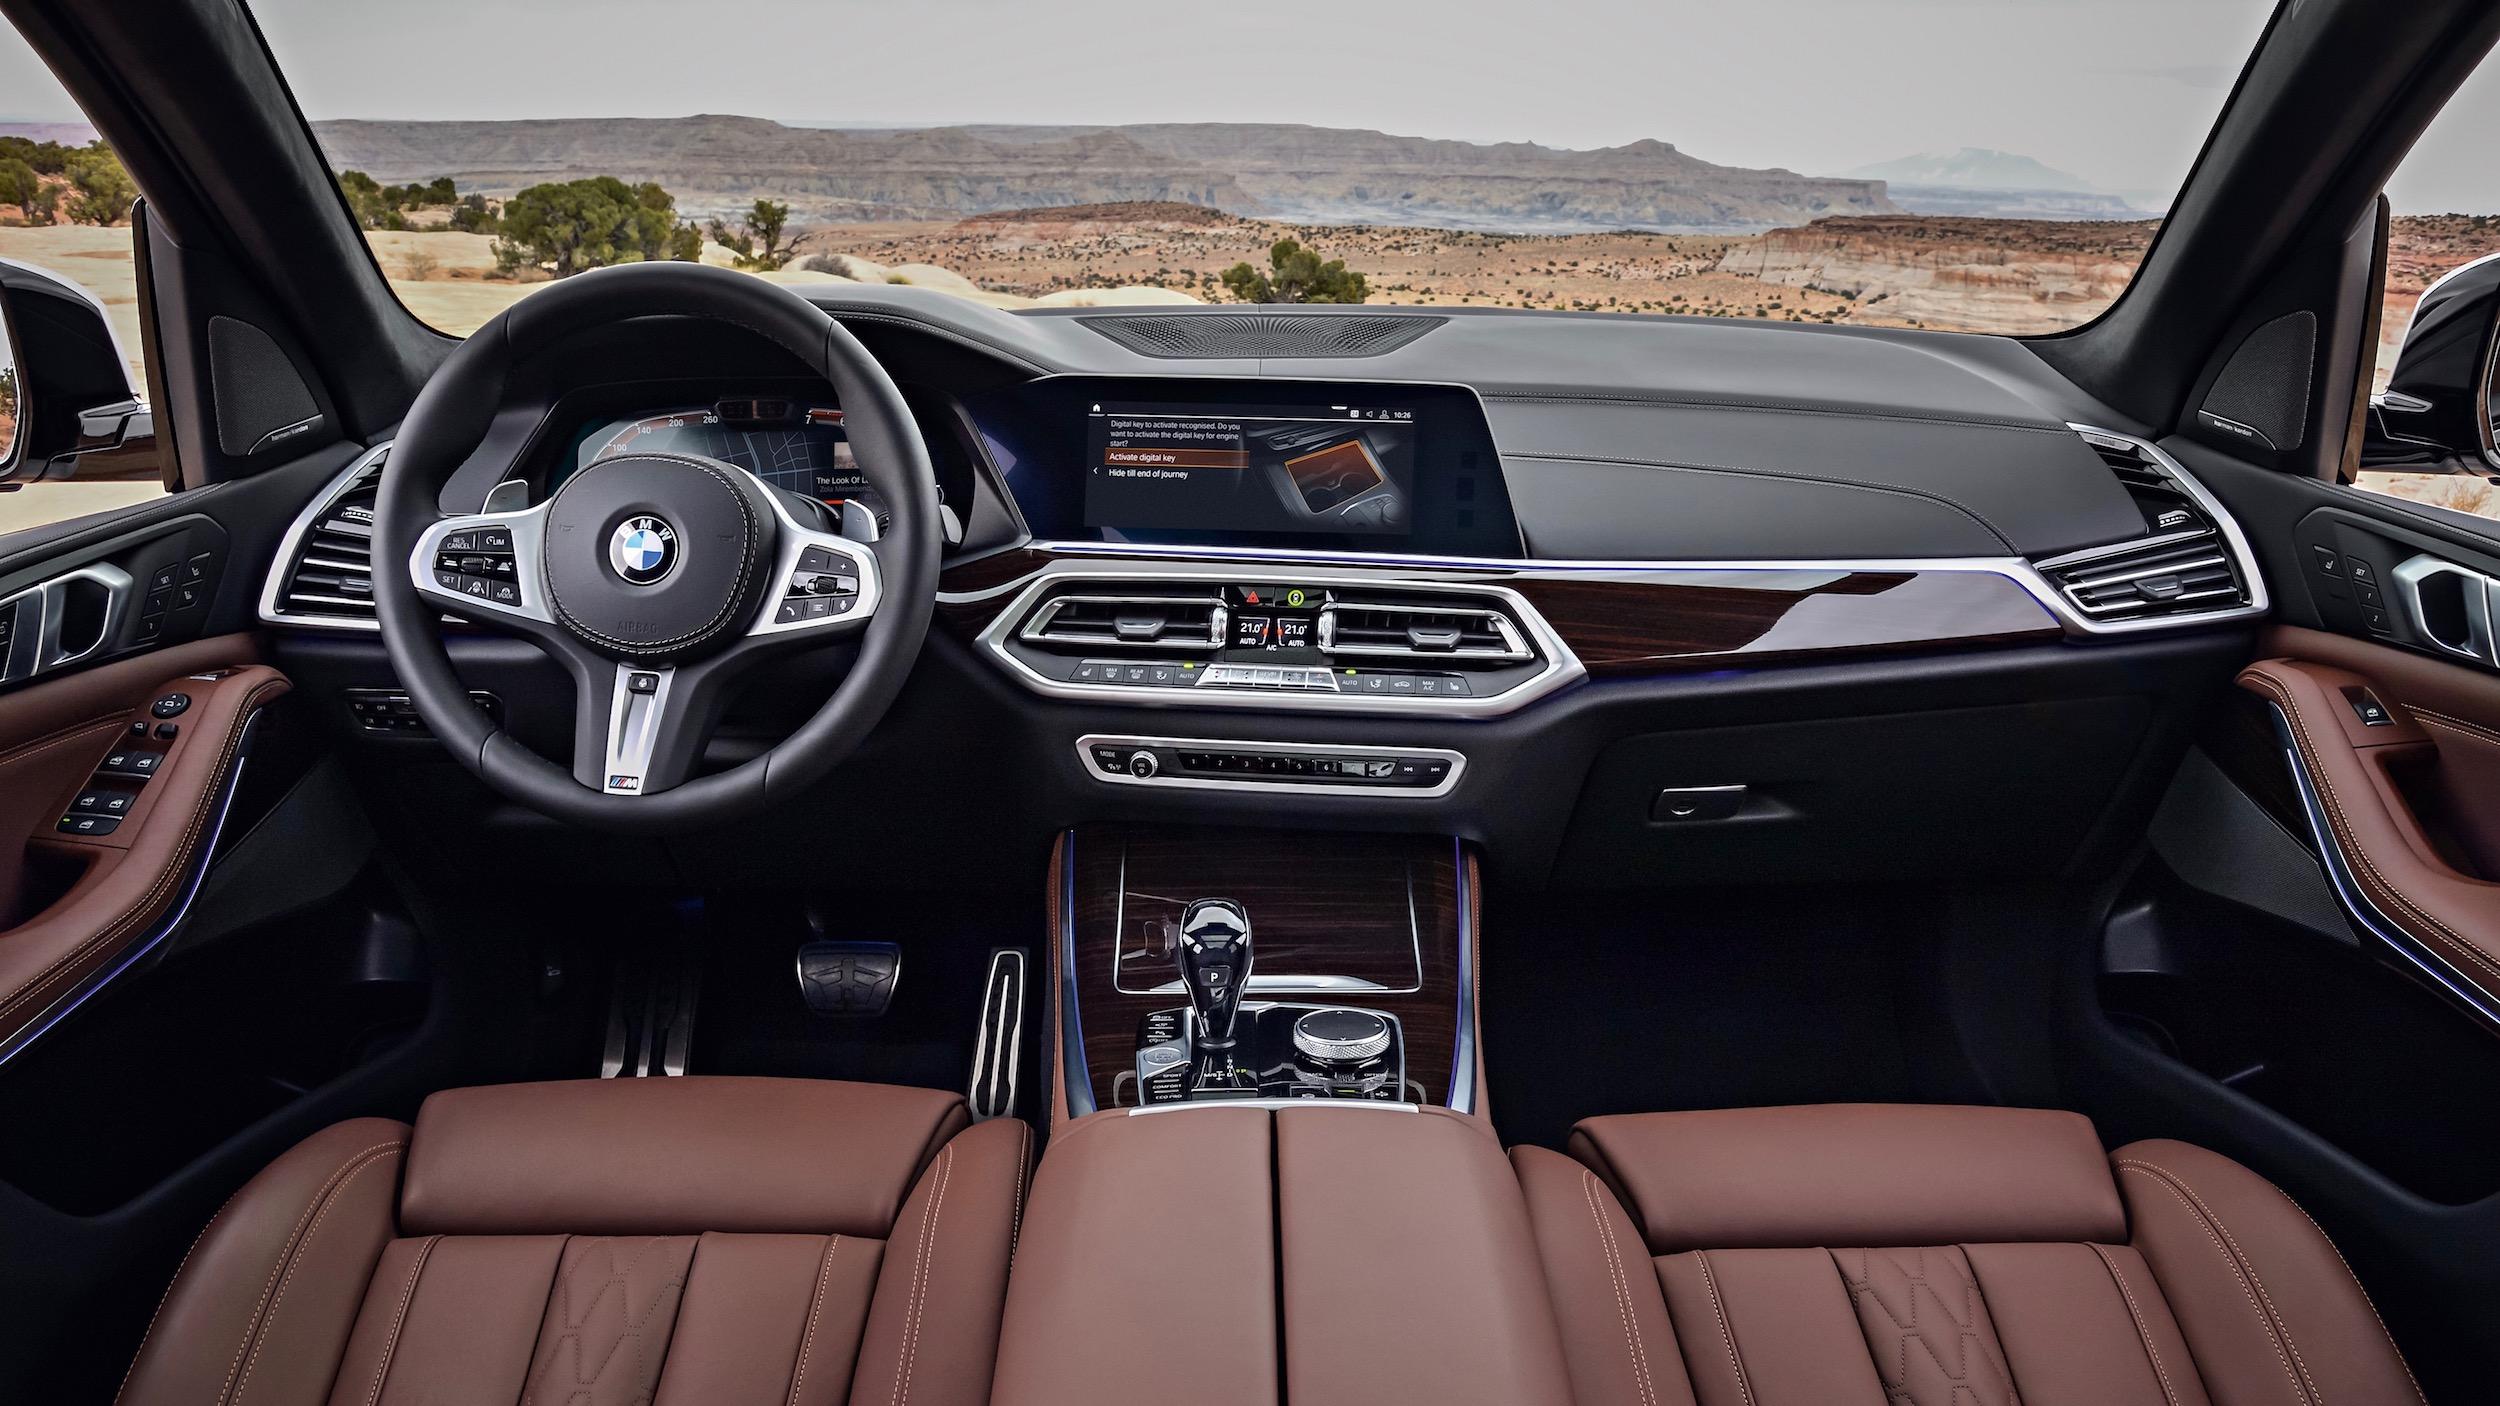 BMW X5 hybride 2019 4